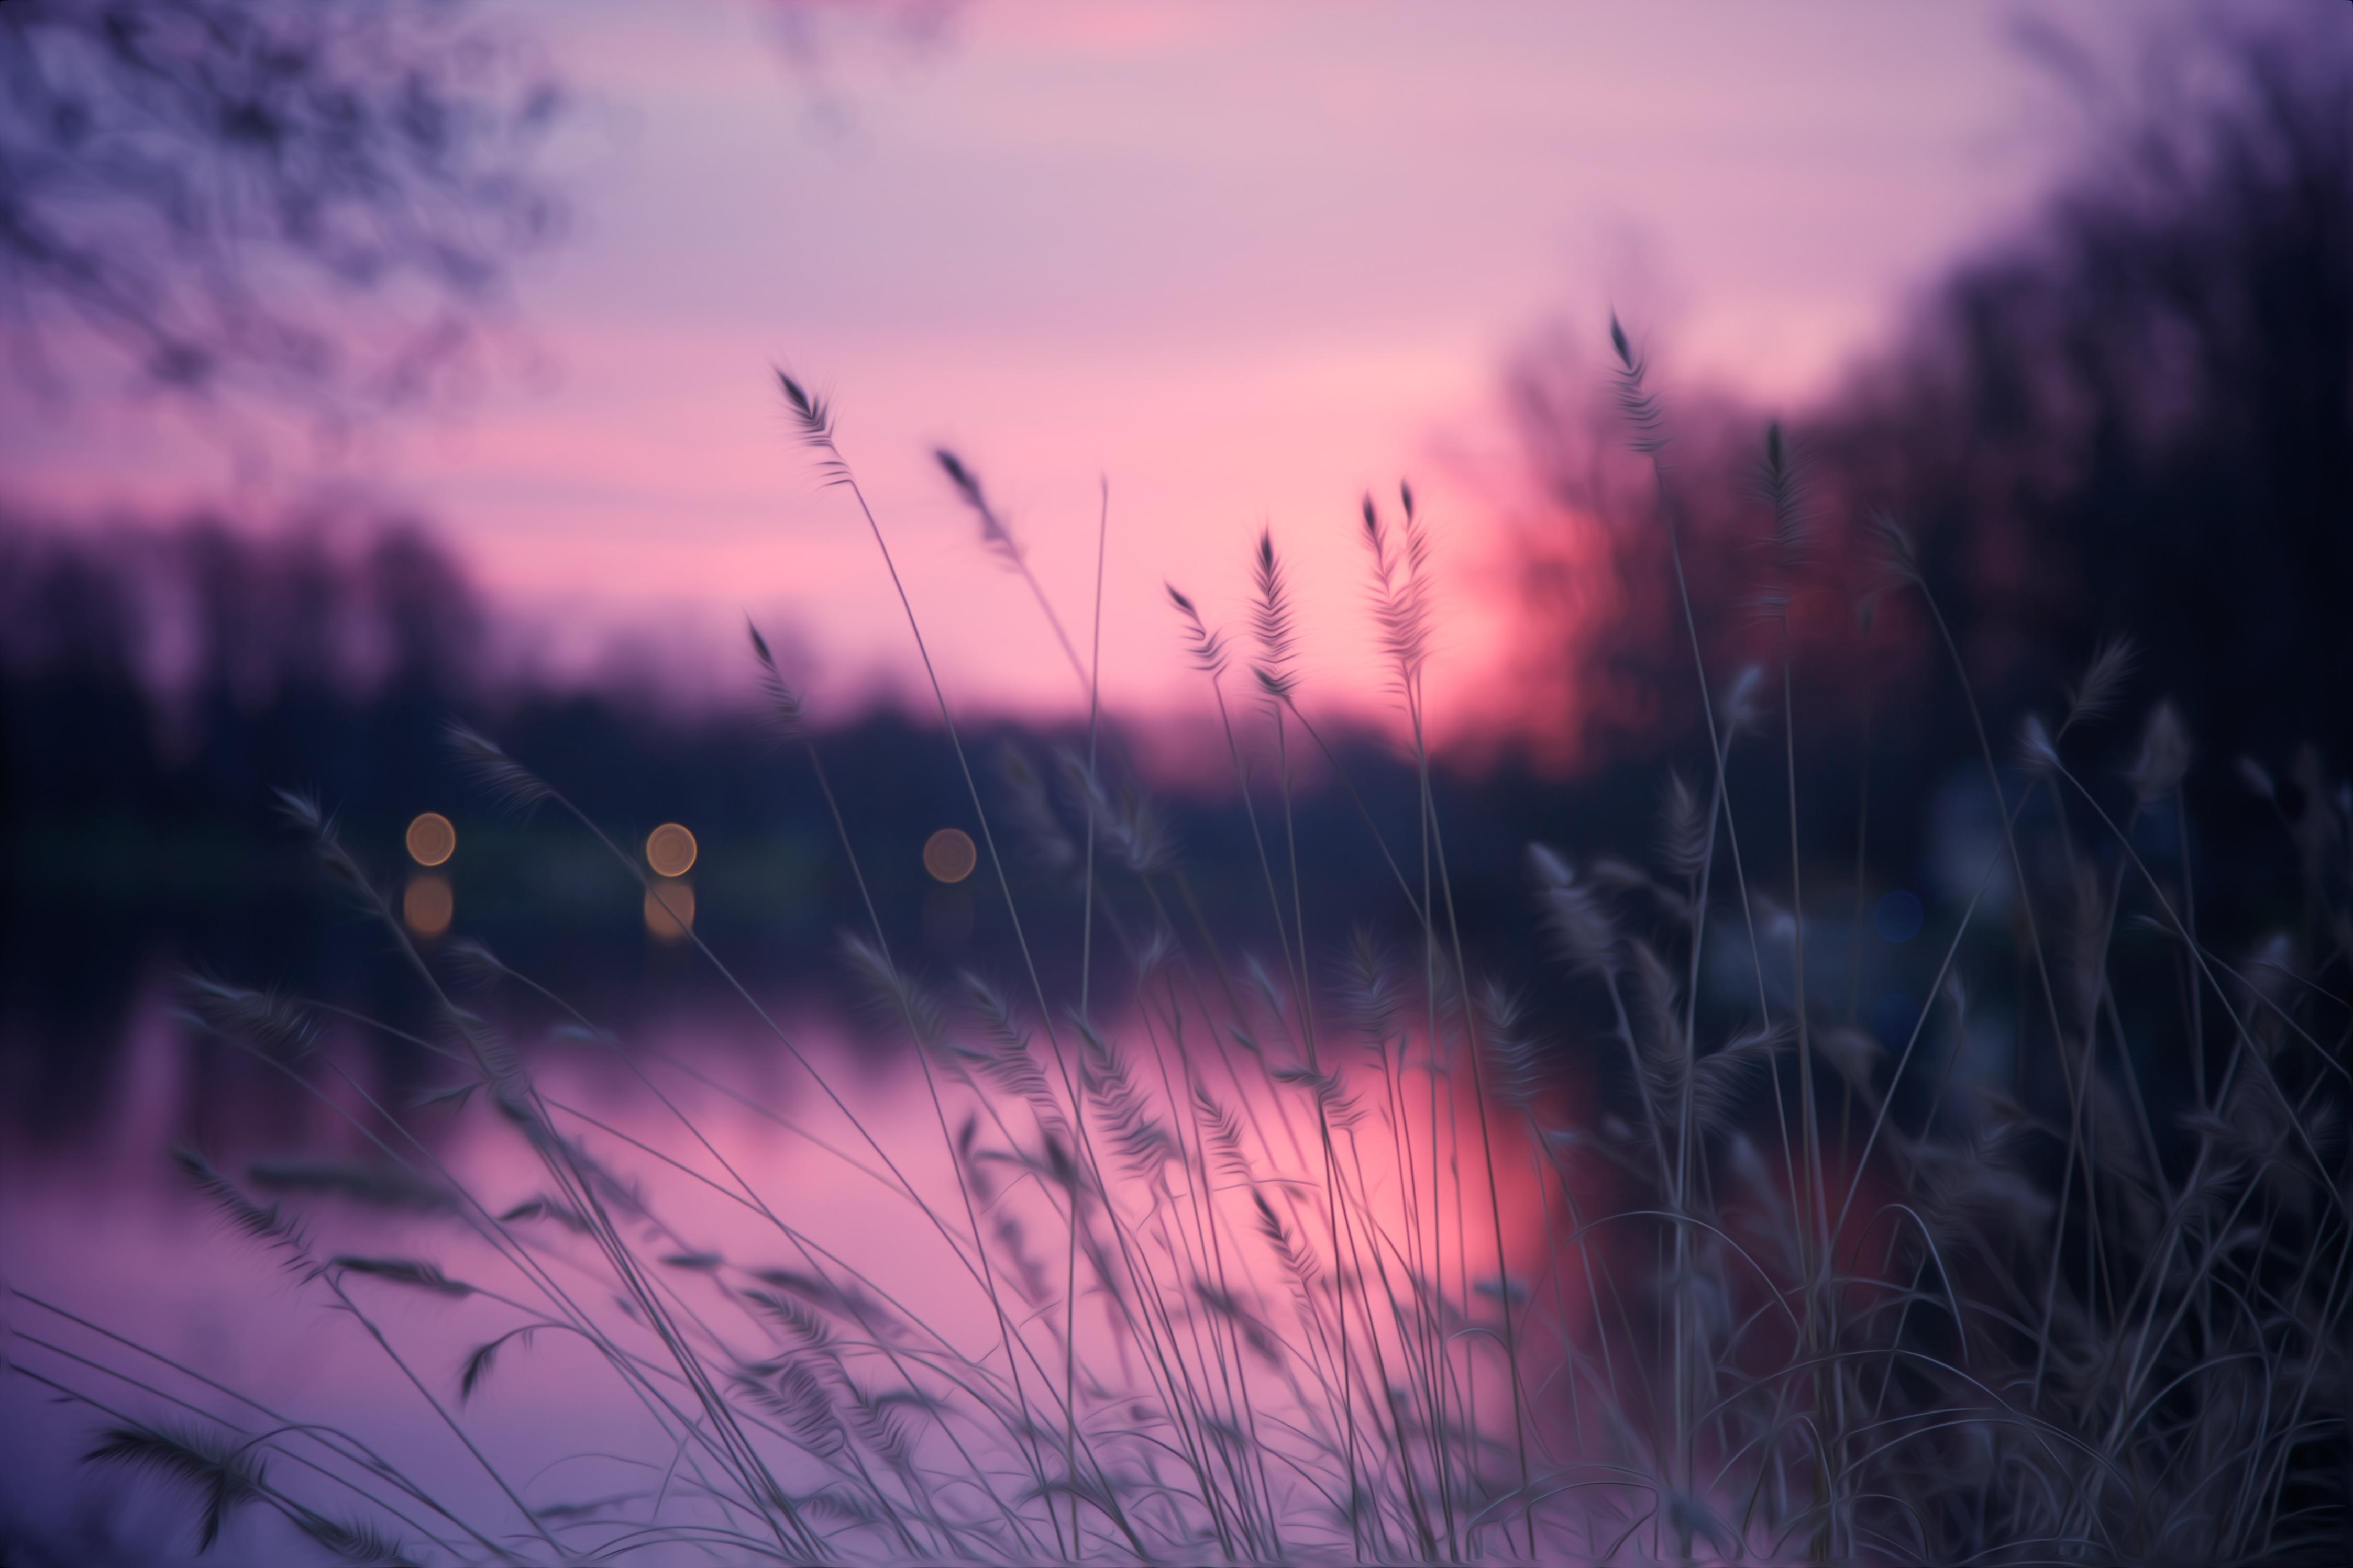 закат озеро небо трава  № 3878825 бесплатно